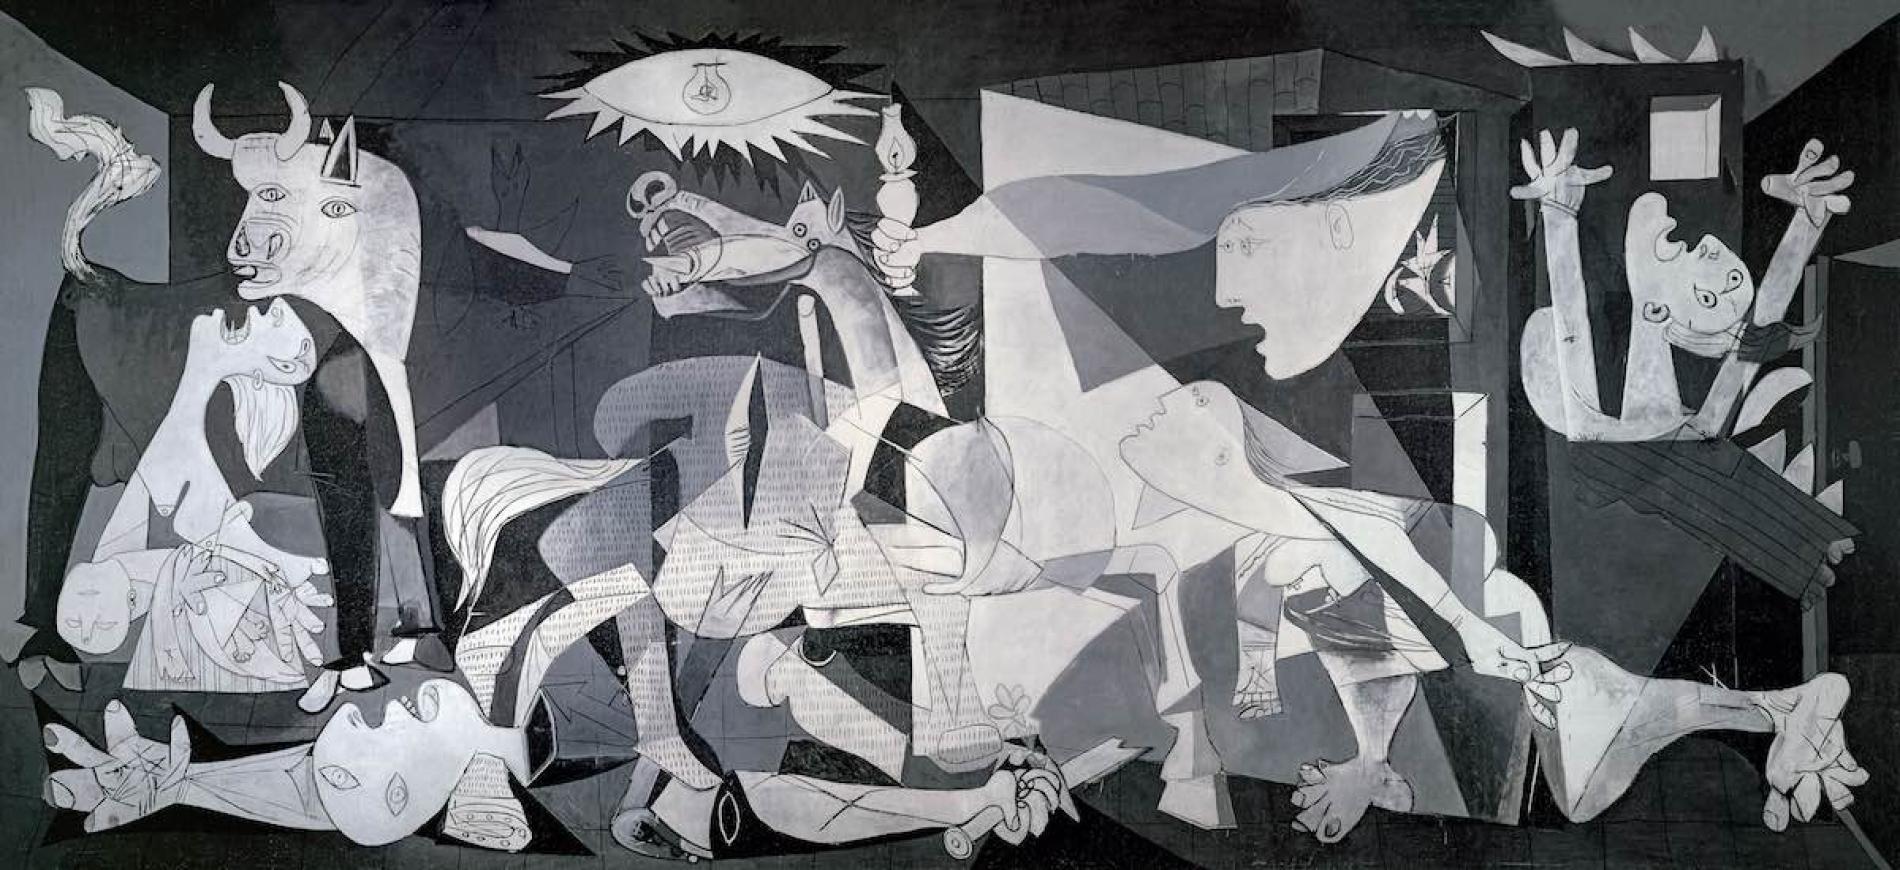 Desenzano del Garda punta su Picasso: una grande mostra al Castello con ceramiche e incisioni